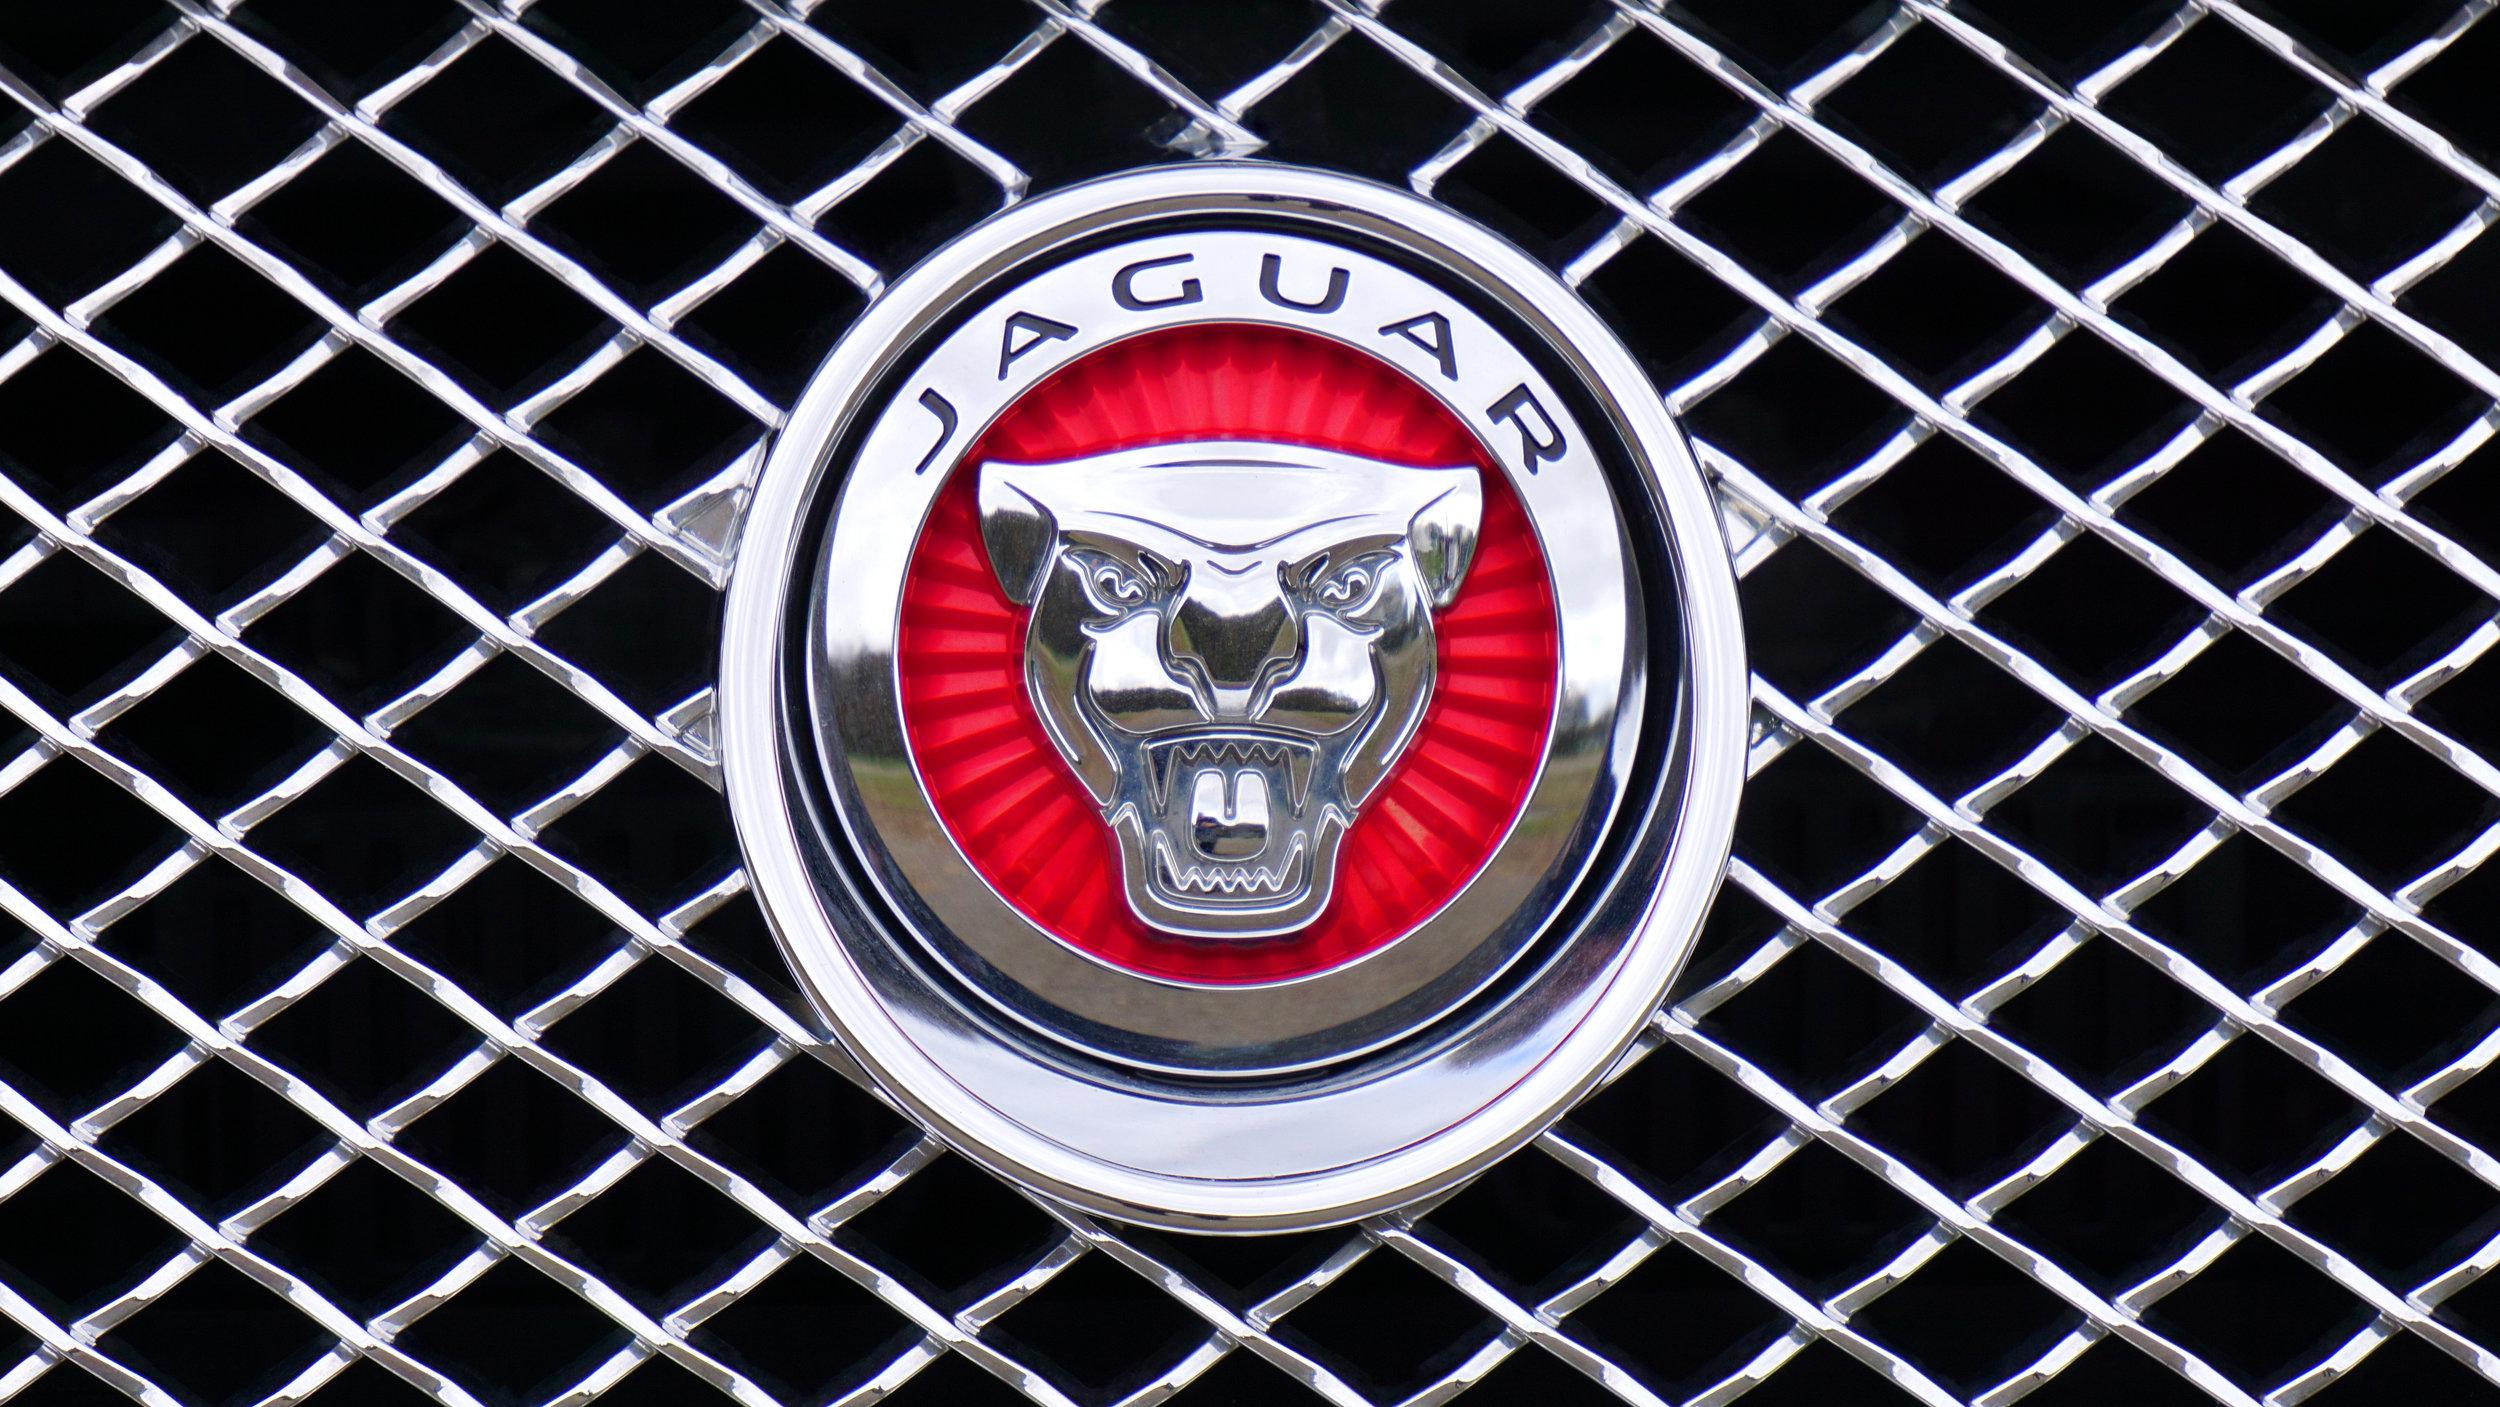 Canva - Jaguar Emblem.jpg